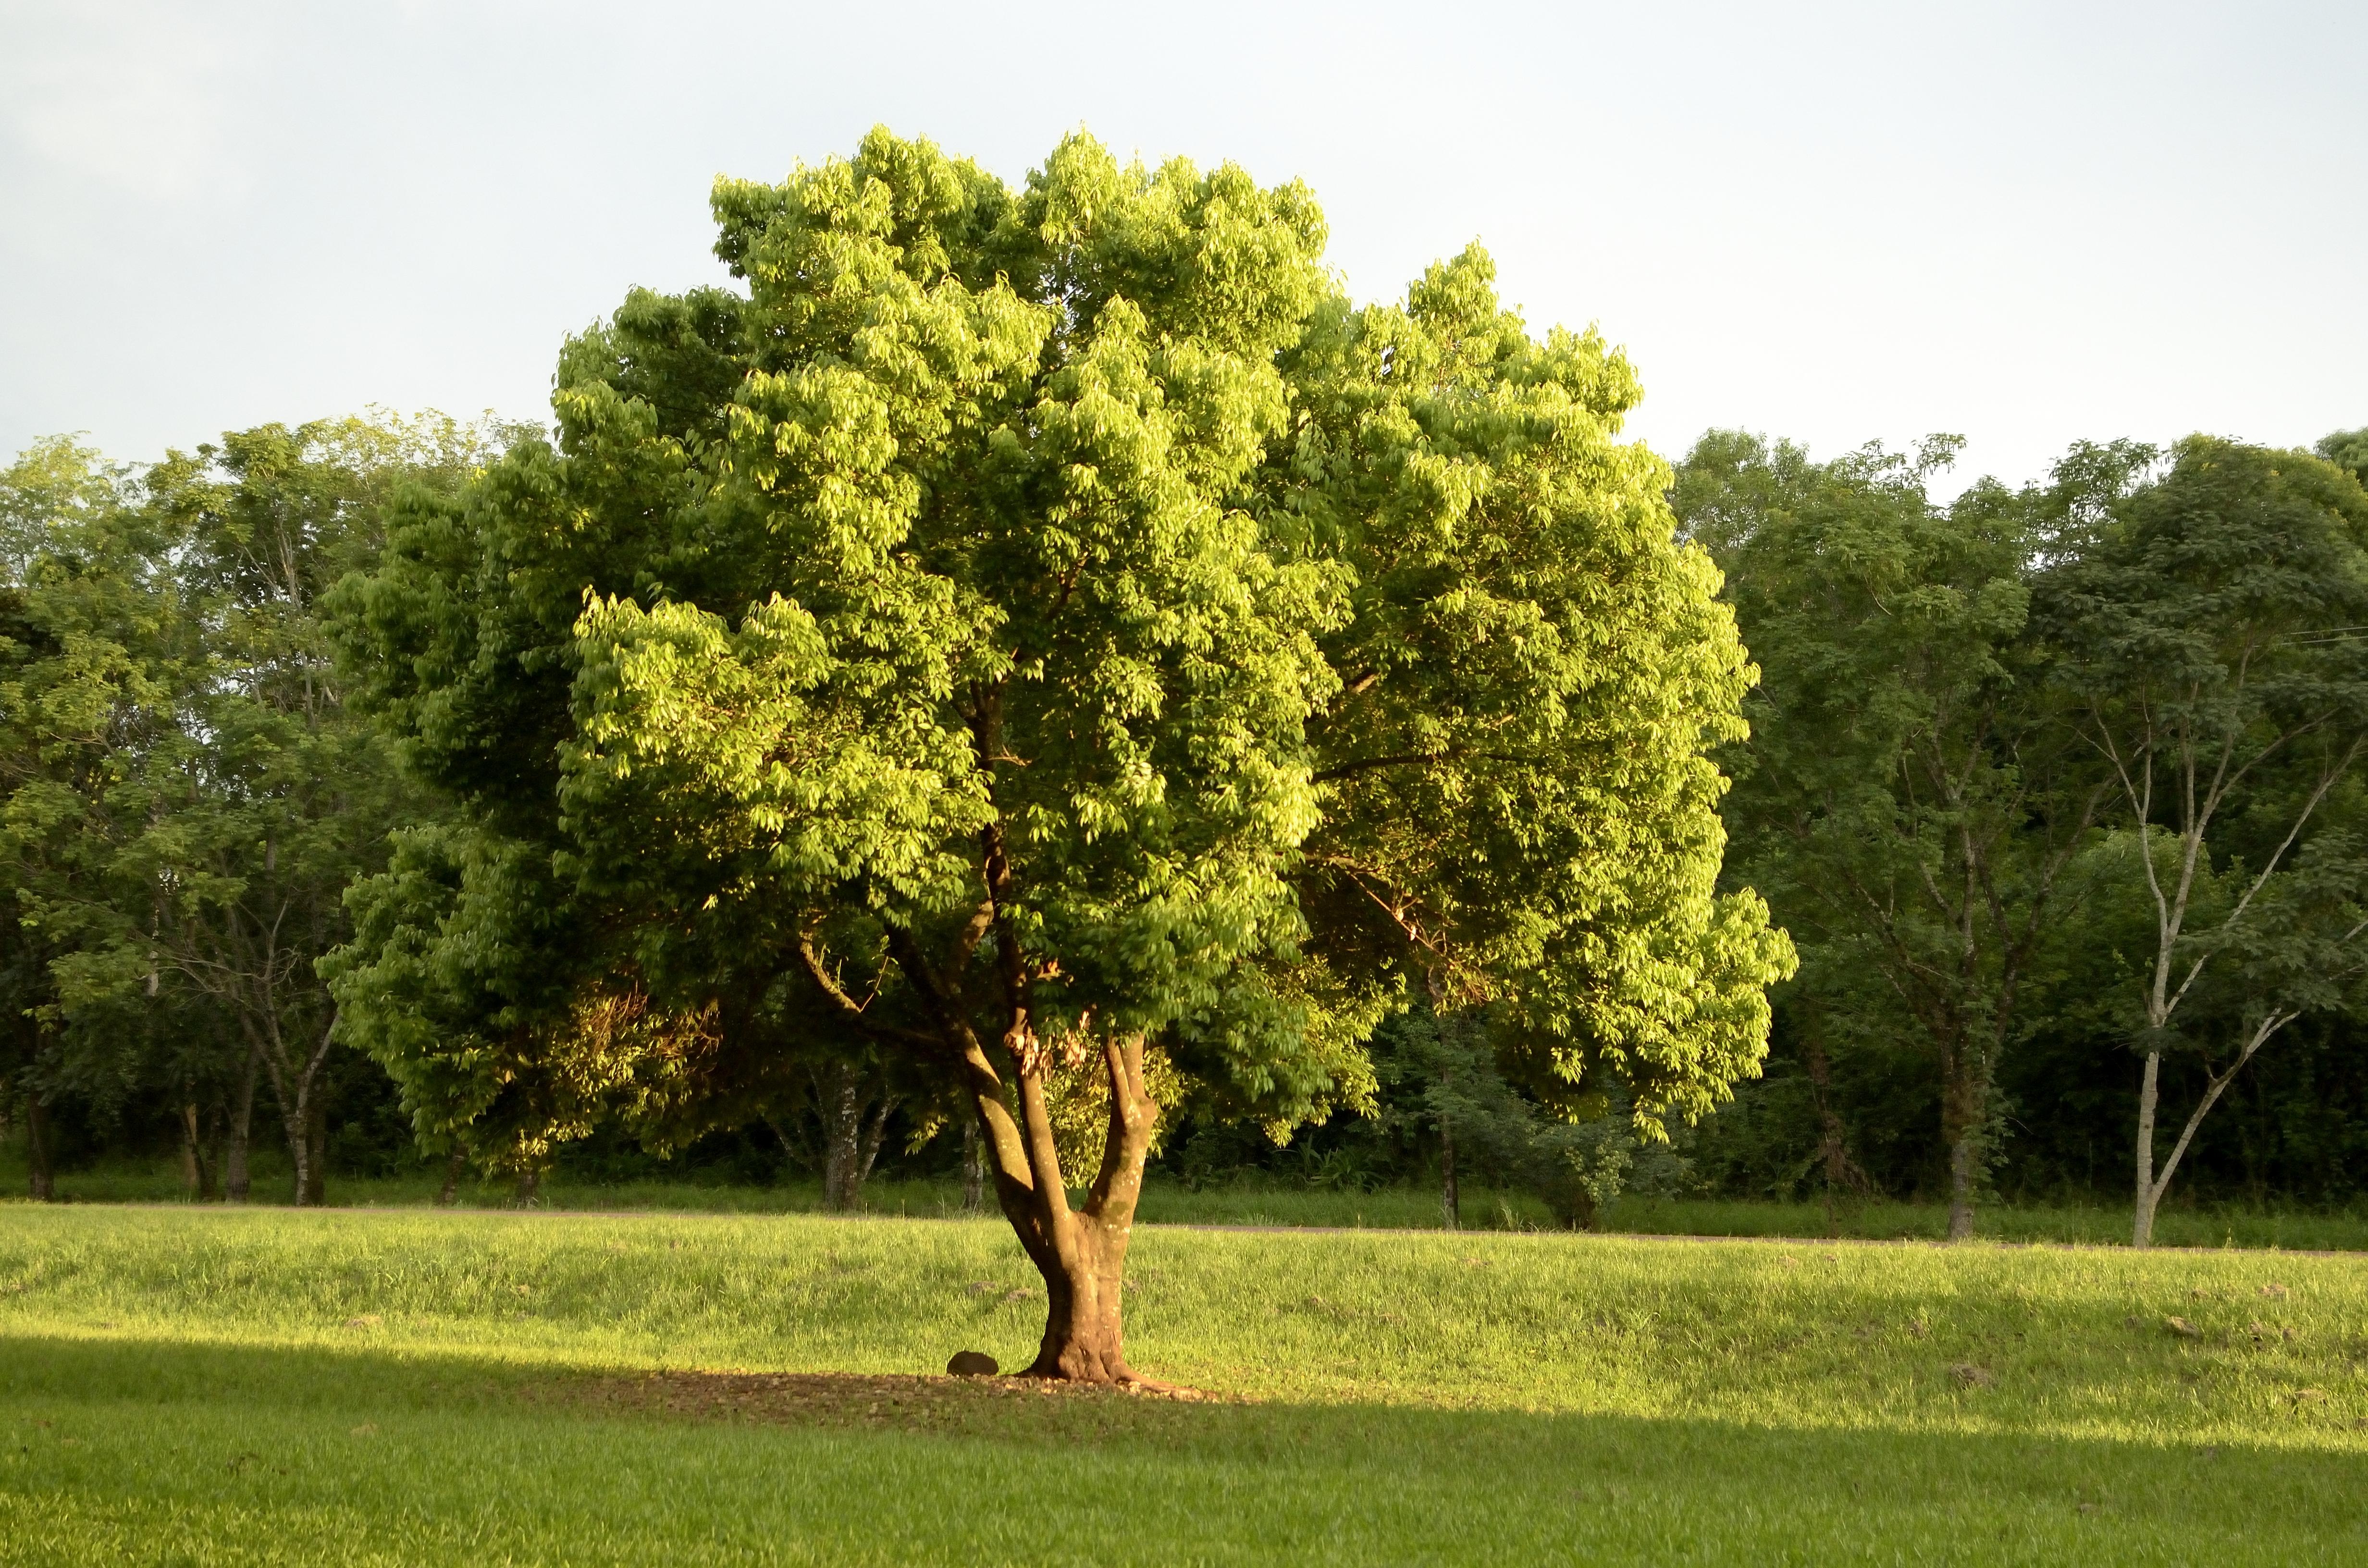 поработать железной растения деревья фото нить обязана быть